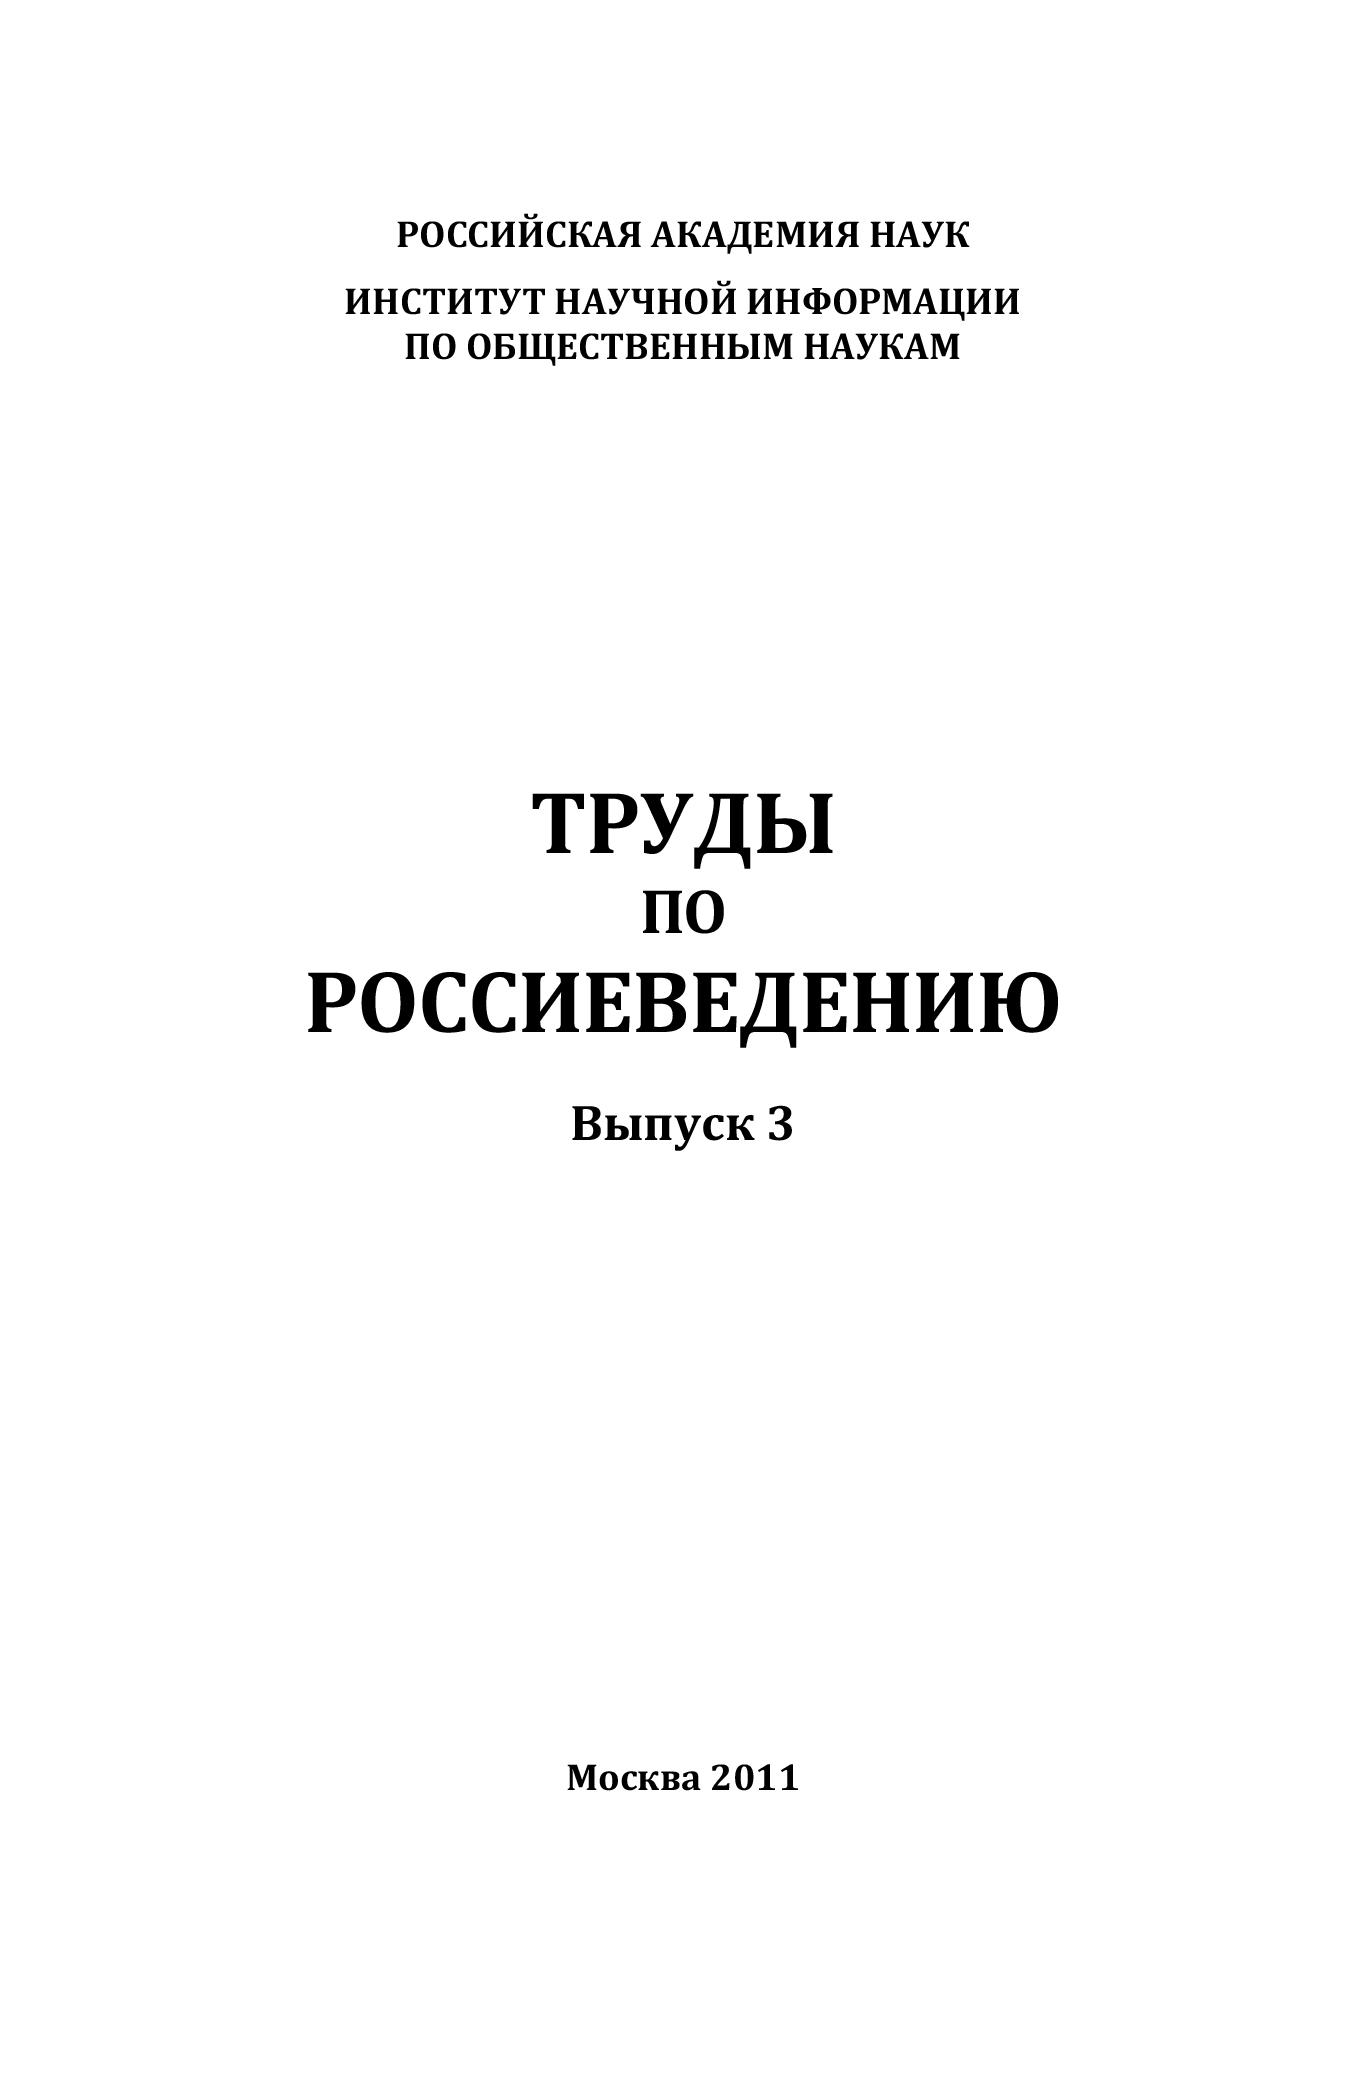 Труды по россиеведению. Выпуск 3